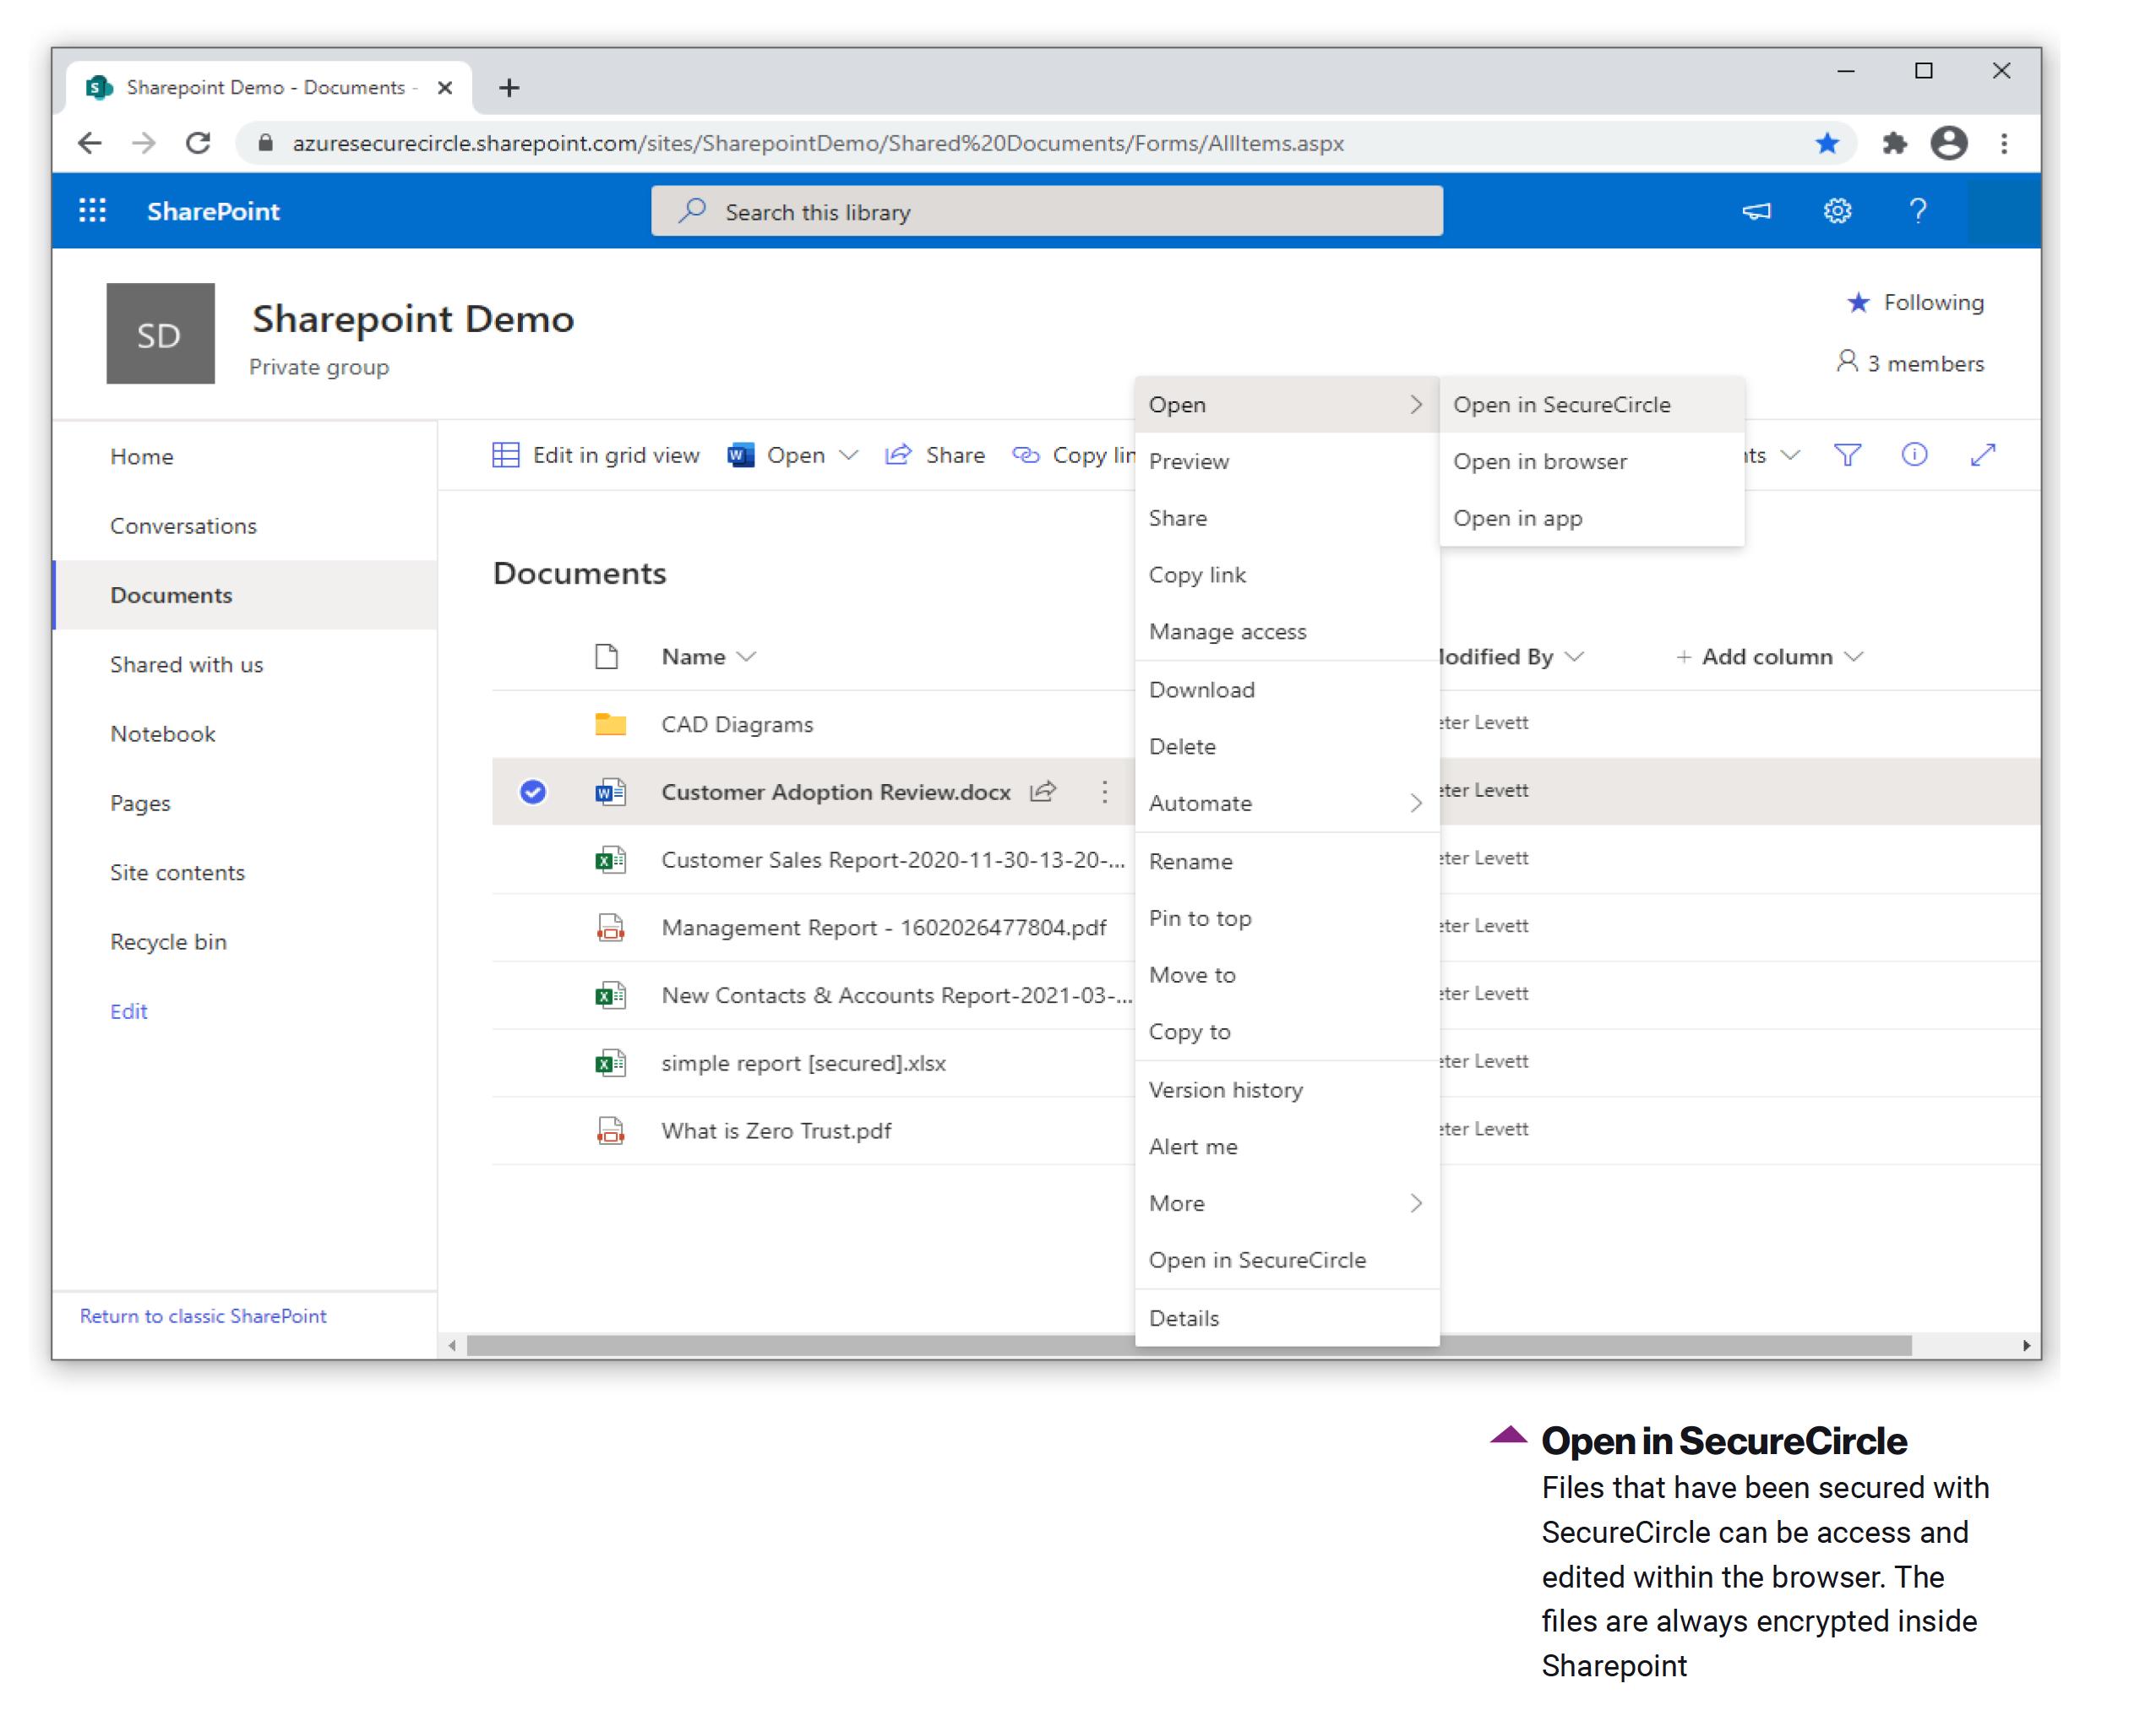 Abrir no SecureCircle Os arquivos protegidos com o SecureCircle podem ser acessados e editados no navegador. Os arquivos são sempre criptografados dentro do Sharepoint.